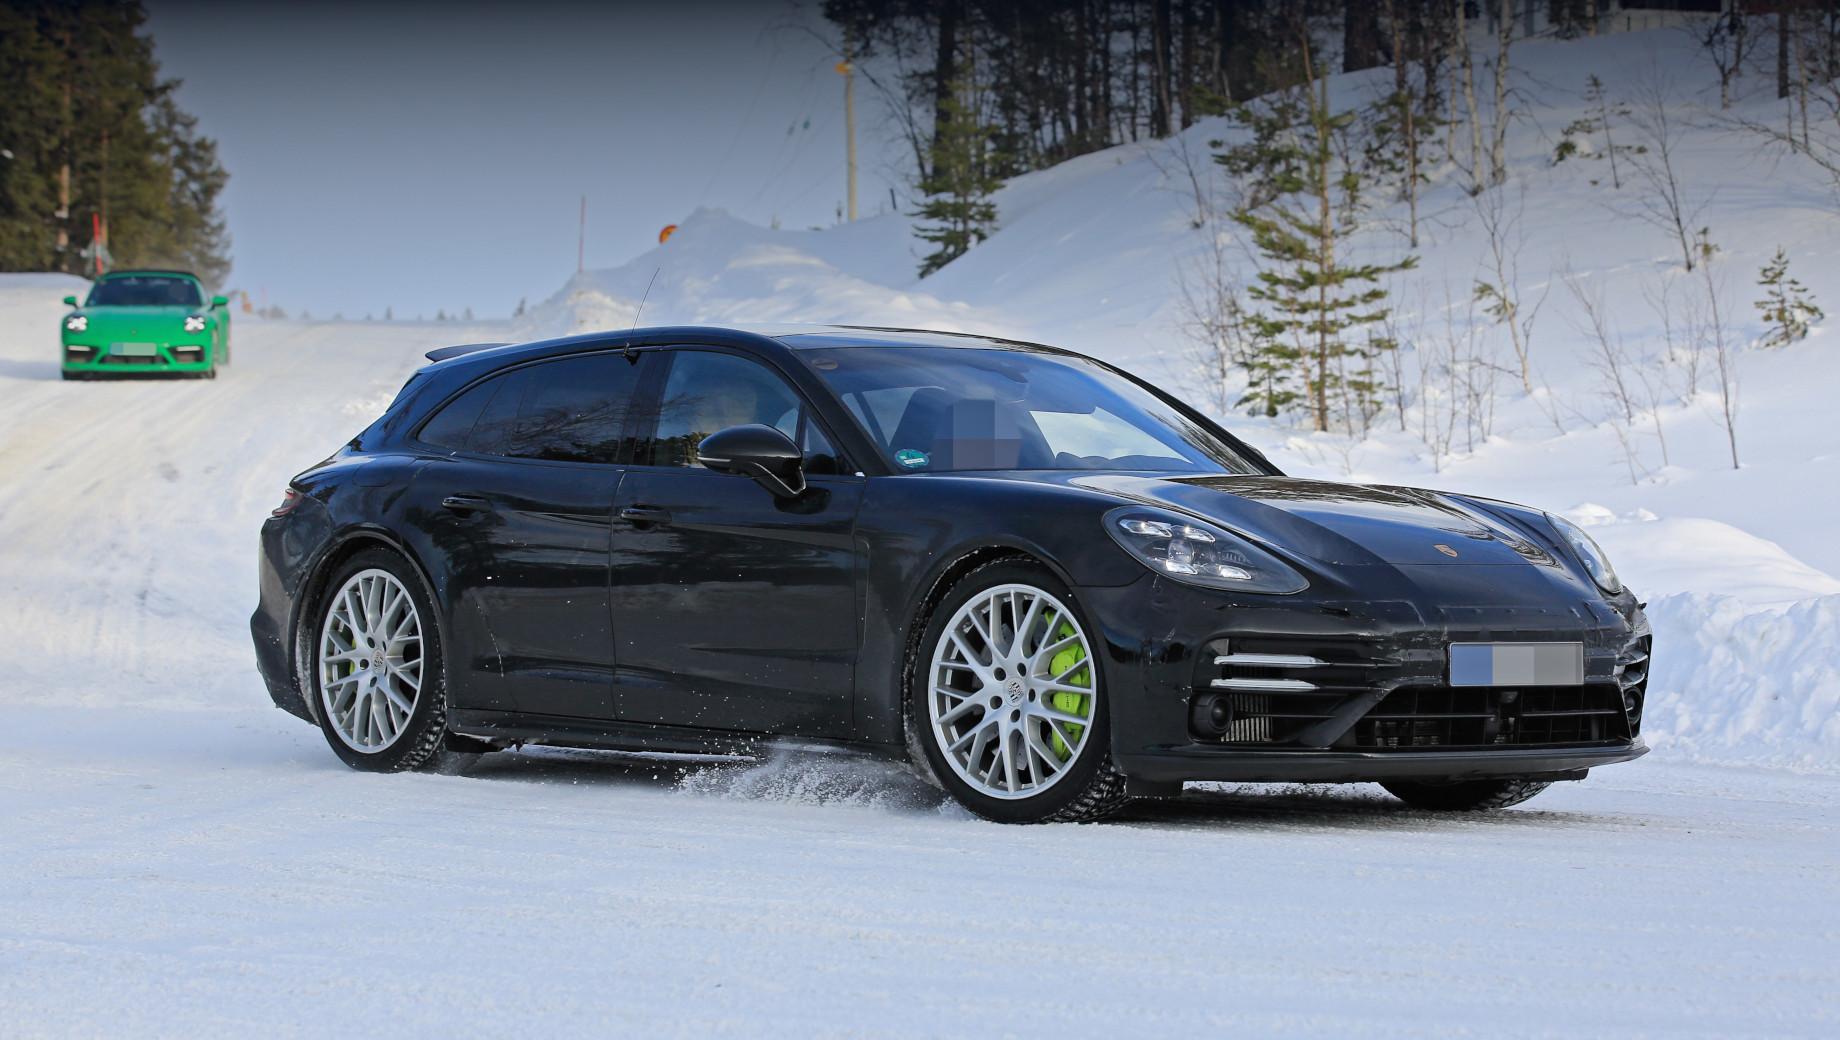 Porsche panamera,Porsche panamera sport turismo. Корректировке подвергся передний бампер, что заметнее всего по сдвоенным ходовым огням, расположенным на большем расстоянии друг над другом, чем прежде.